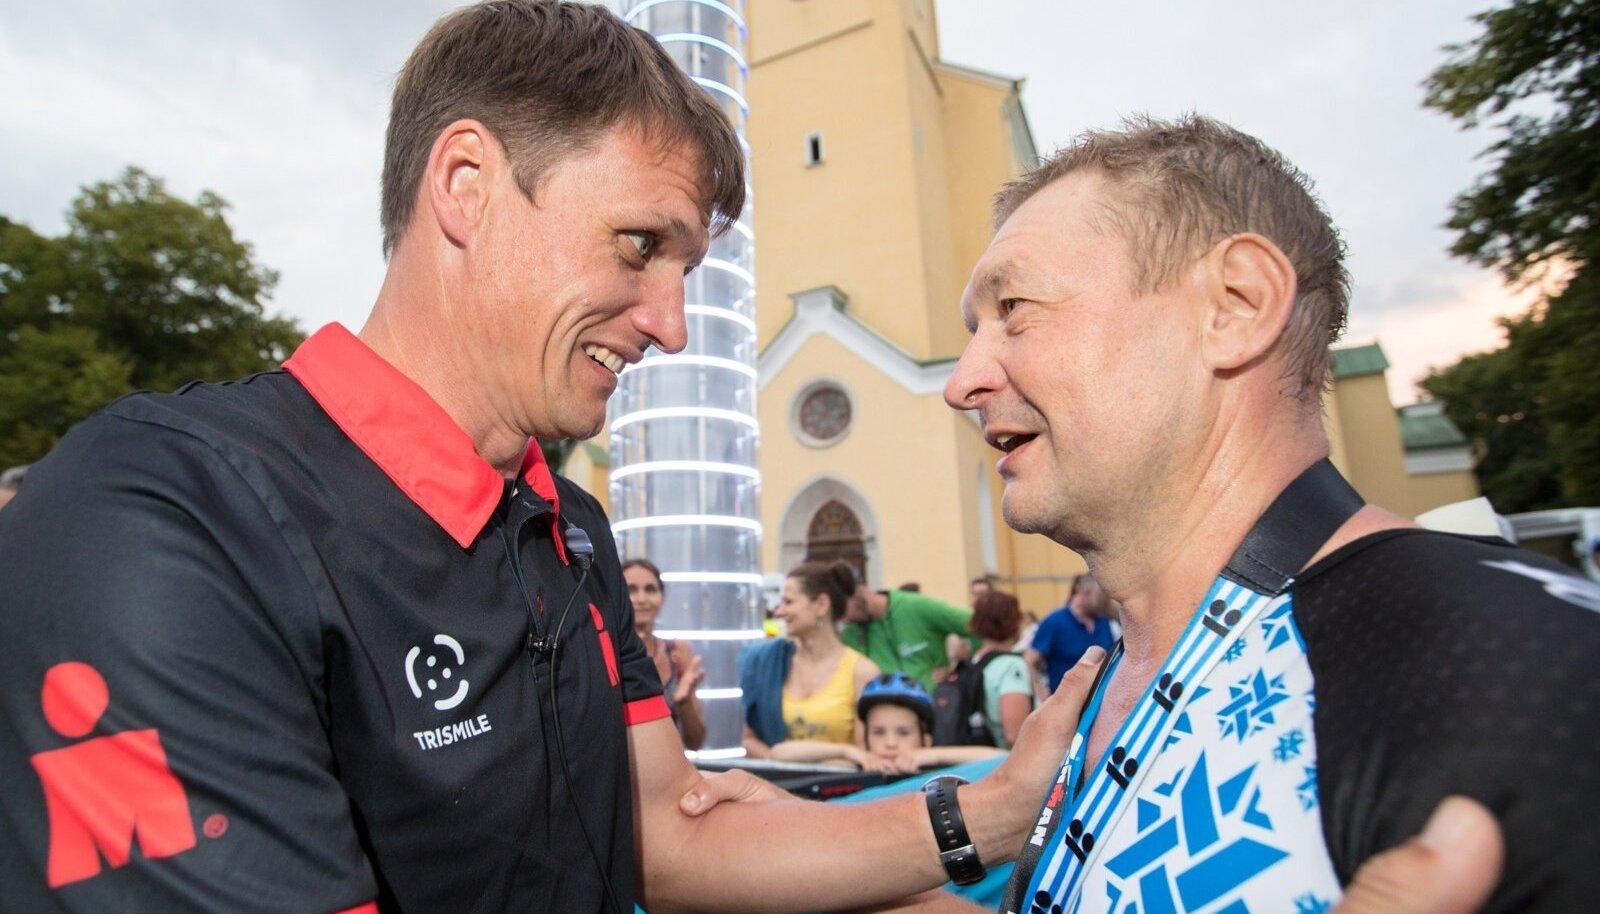 """Ain-Alar Juhanson IRONMAN Tallinna finišis ürituse """"hea eeskuju saadikut"""" Raivo E. Tamme tervitamas"""